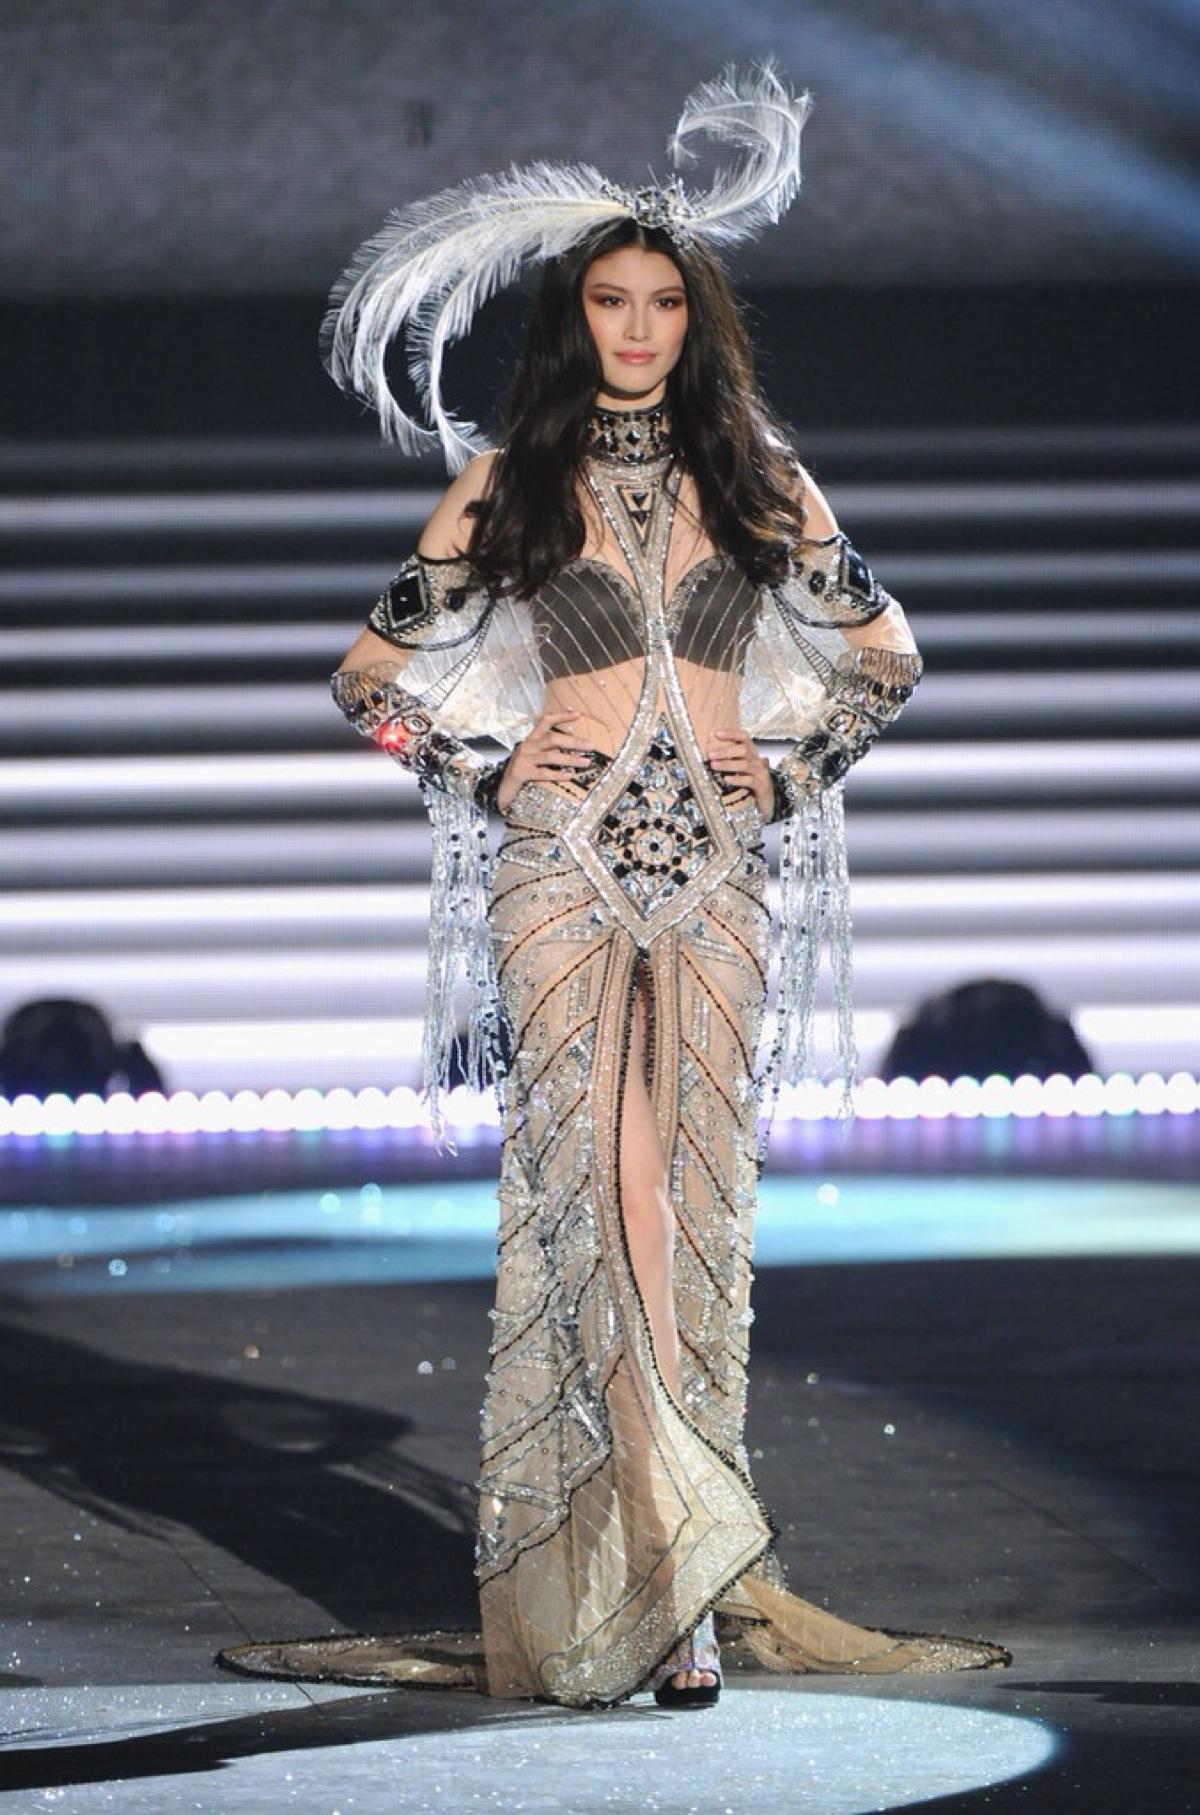 Pitoy moreno fashion show 76